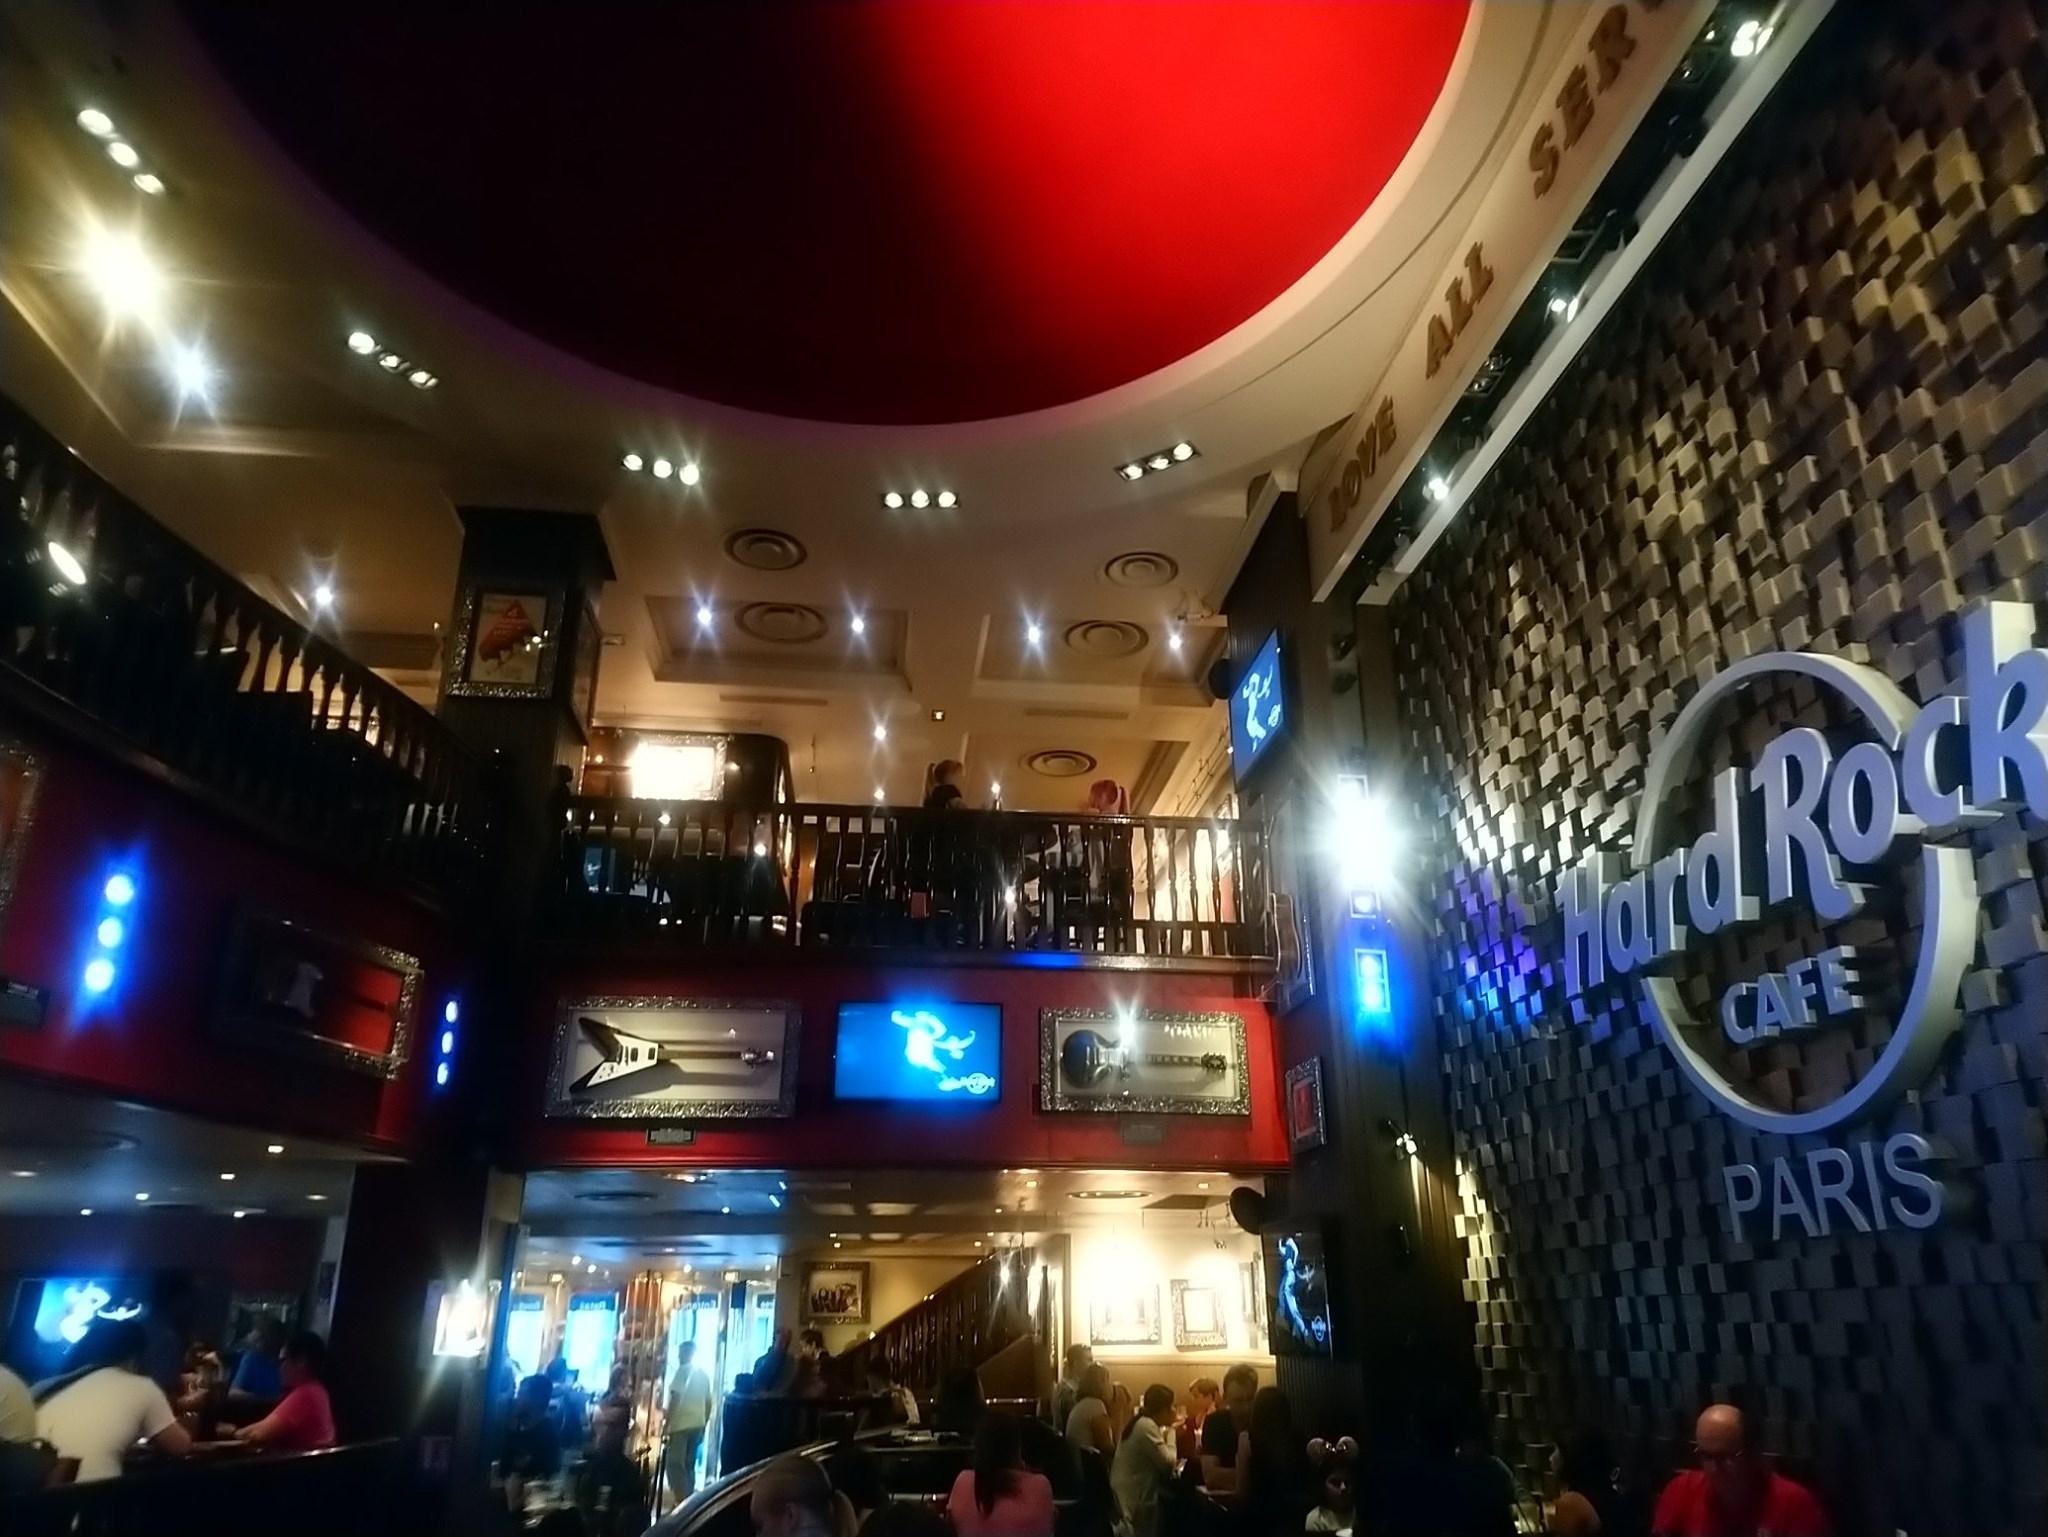 Hard Rock Cafe Paris - Grands Boulevards